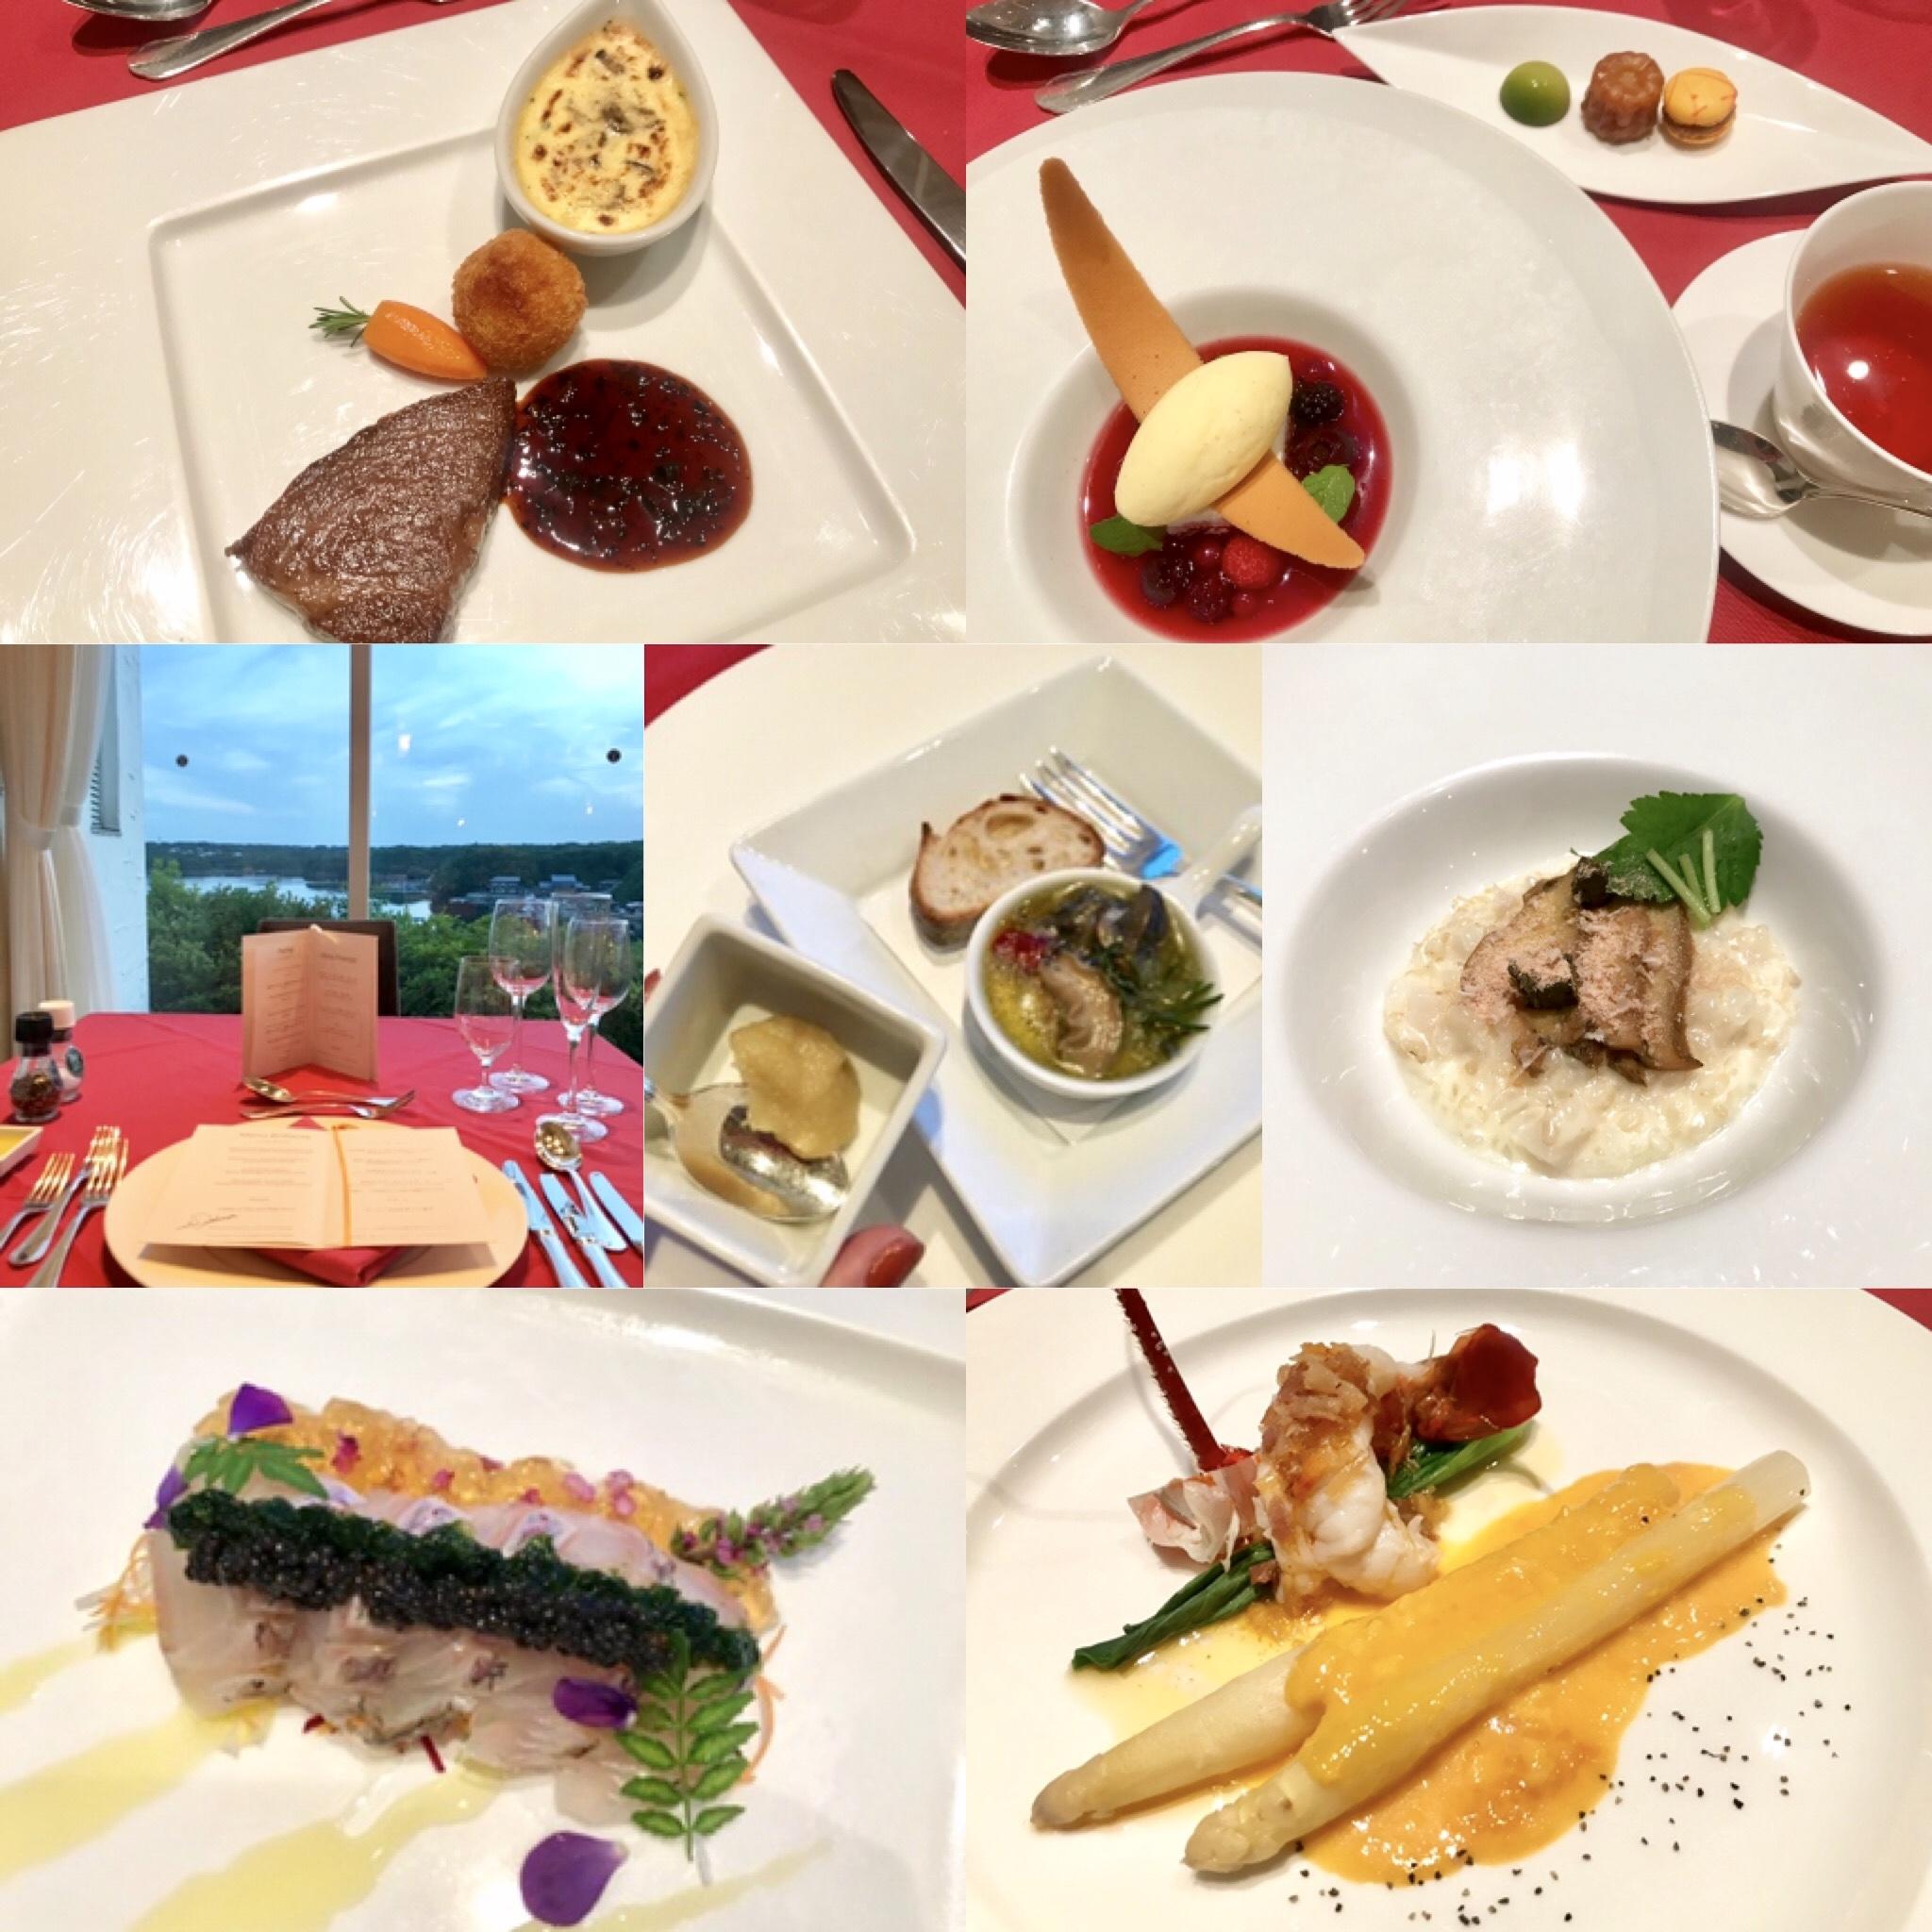 三重のおしゃれホテル『都リゾート 志摩 ベイサイドテラス』にステイ! ナイトプールや絶品料理、充実のアメニティにうっとり♡_7